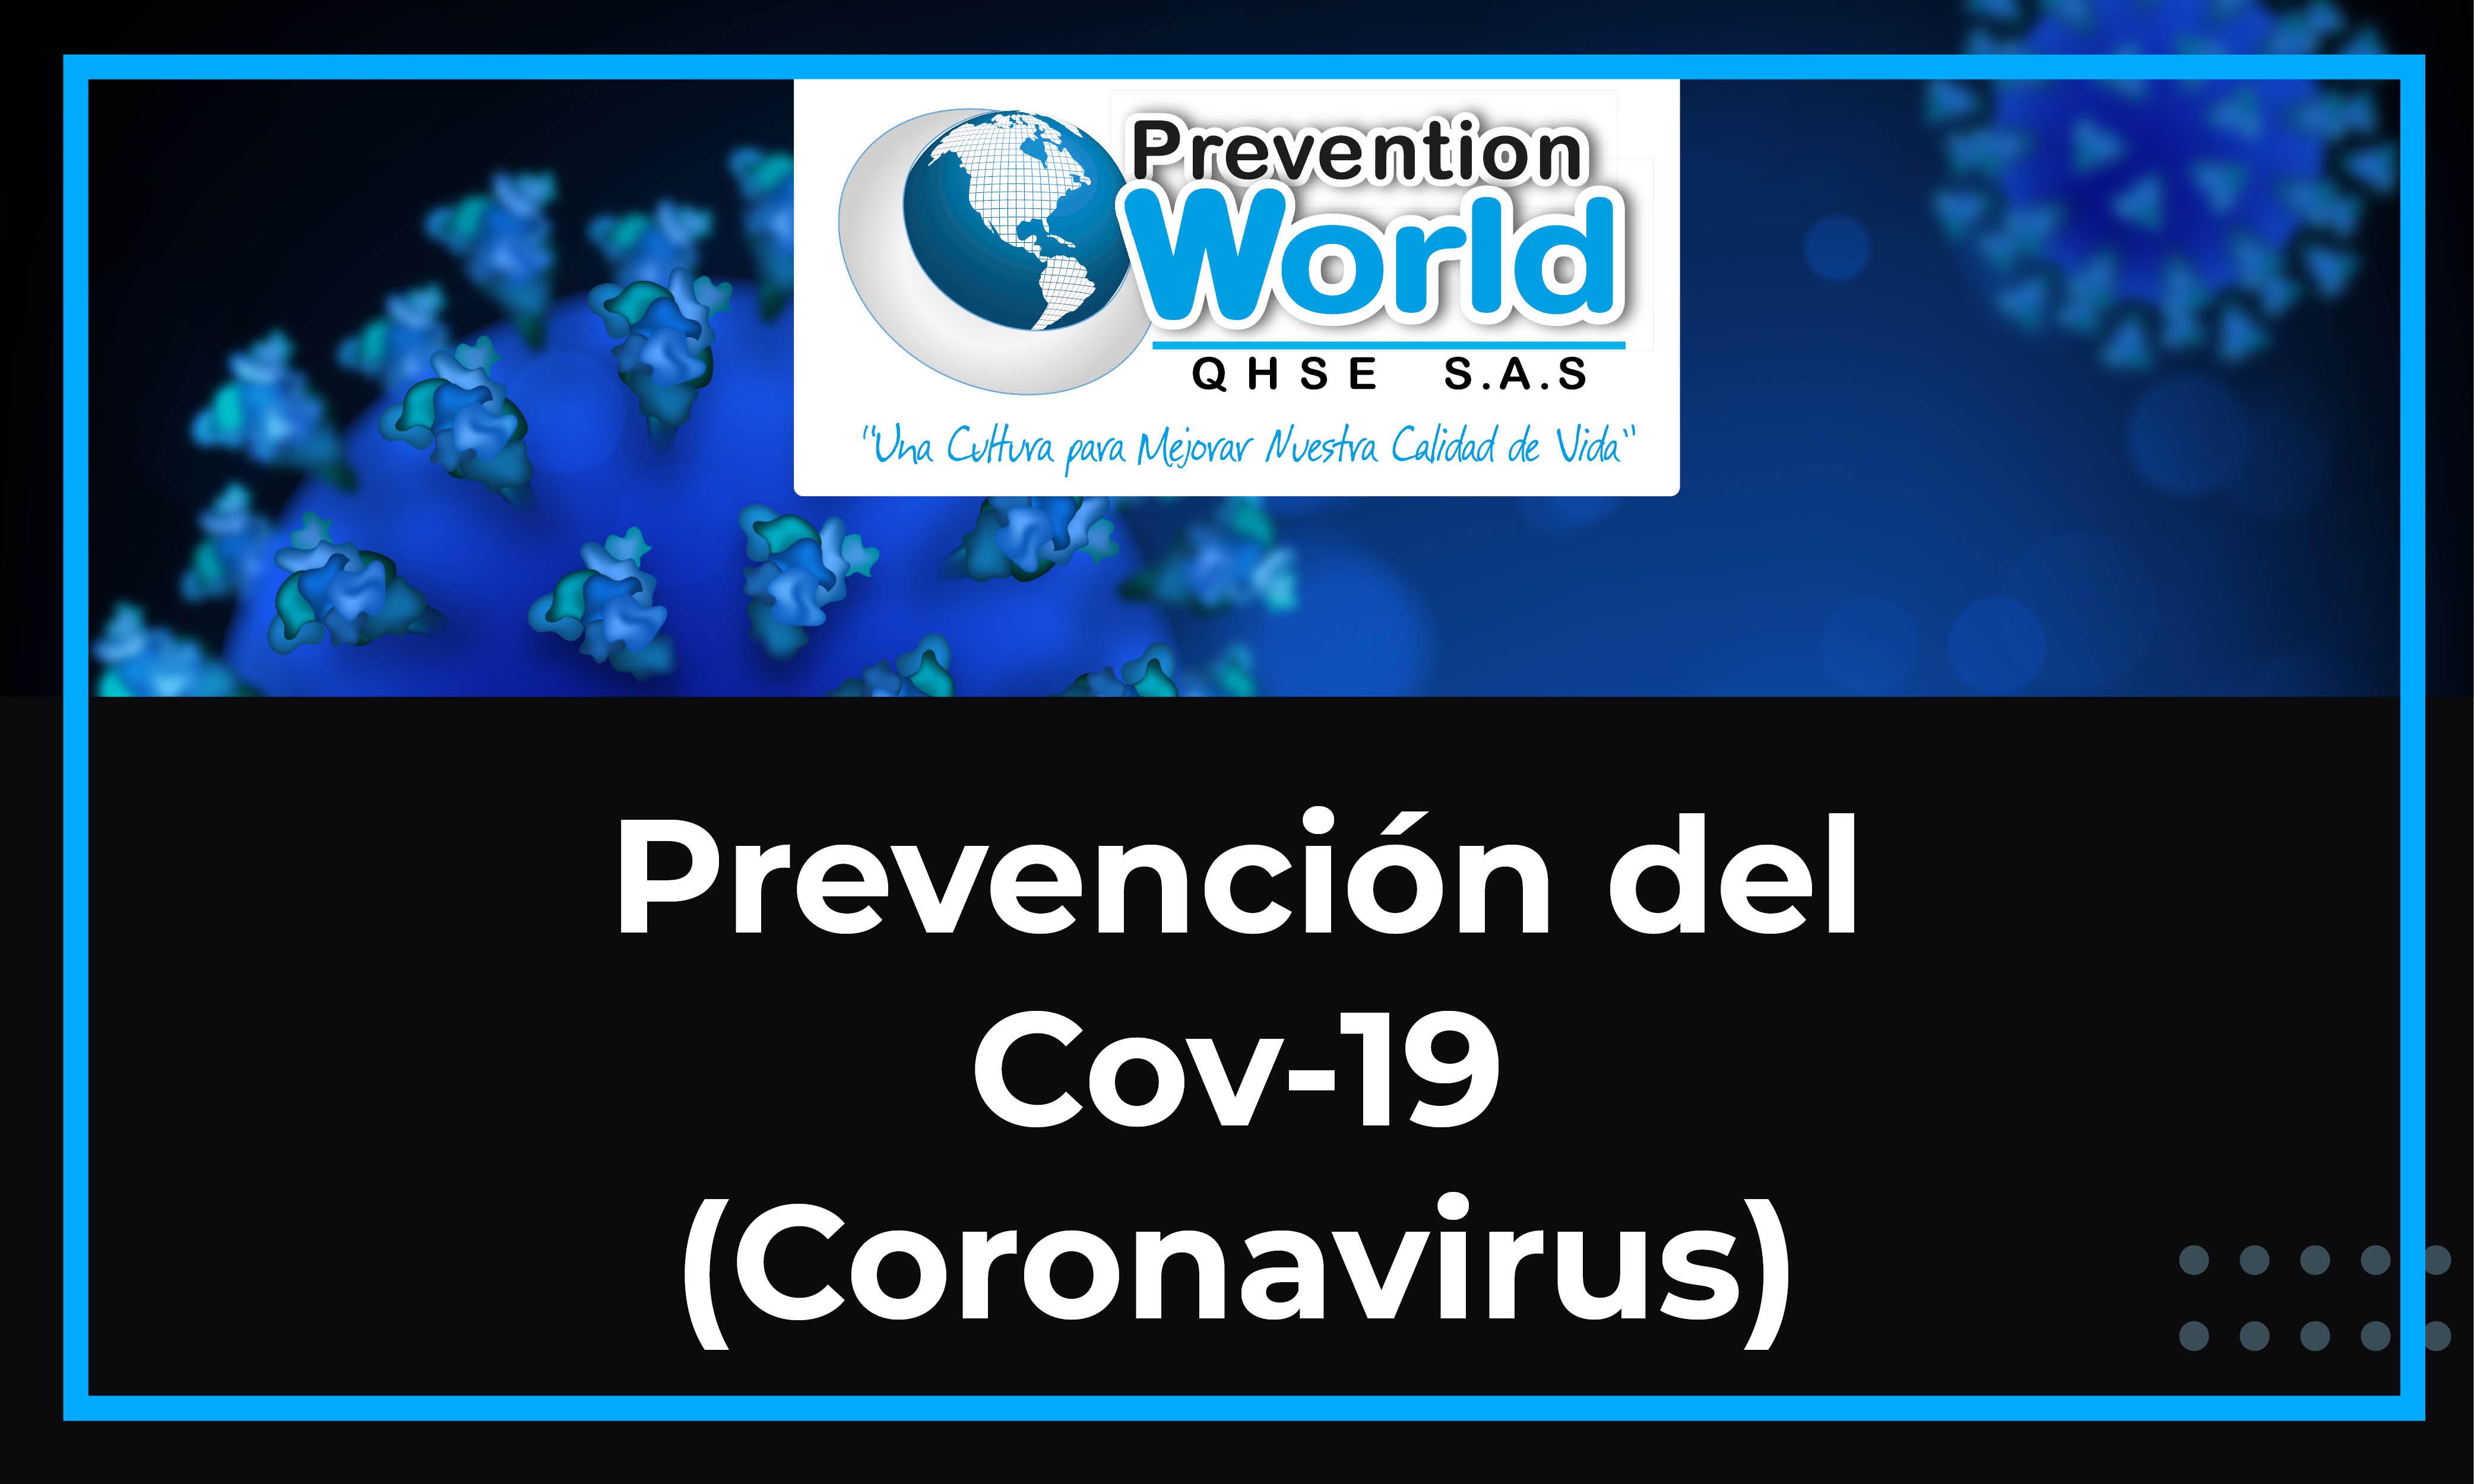 Prevención del COVID-19 (Coronavirus)